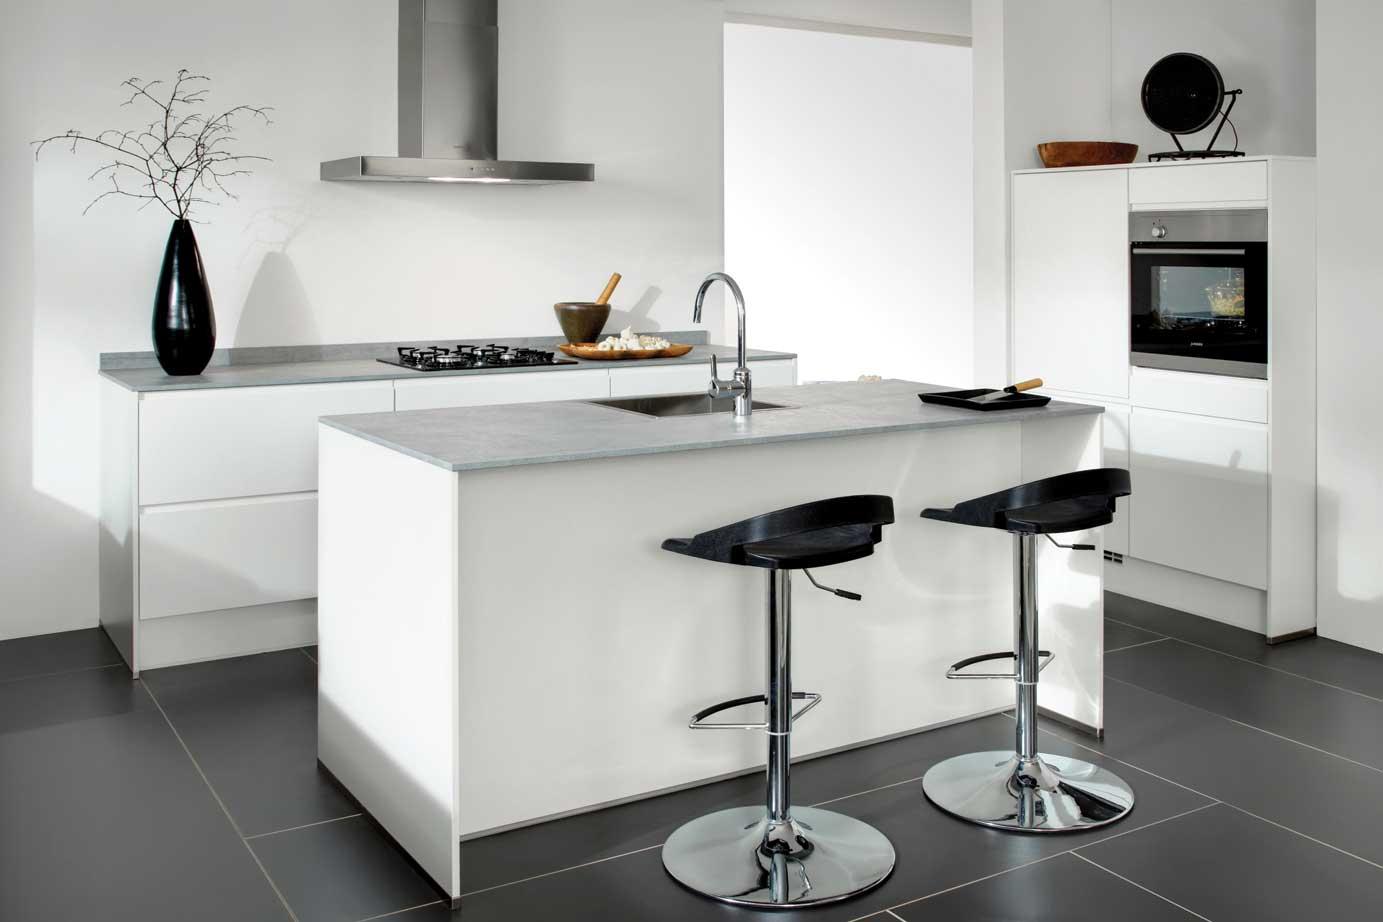 Indeling Keuken Voorbeelden : Kleine keuken: kookeiland of hoekkeuken? Bekijk de mogelijkheden. – DB